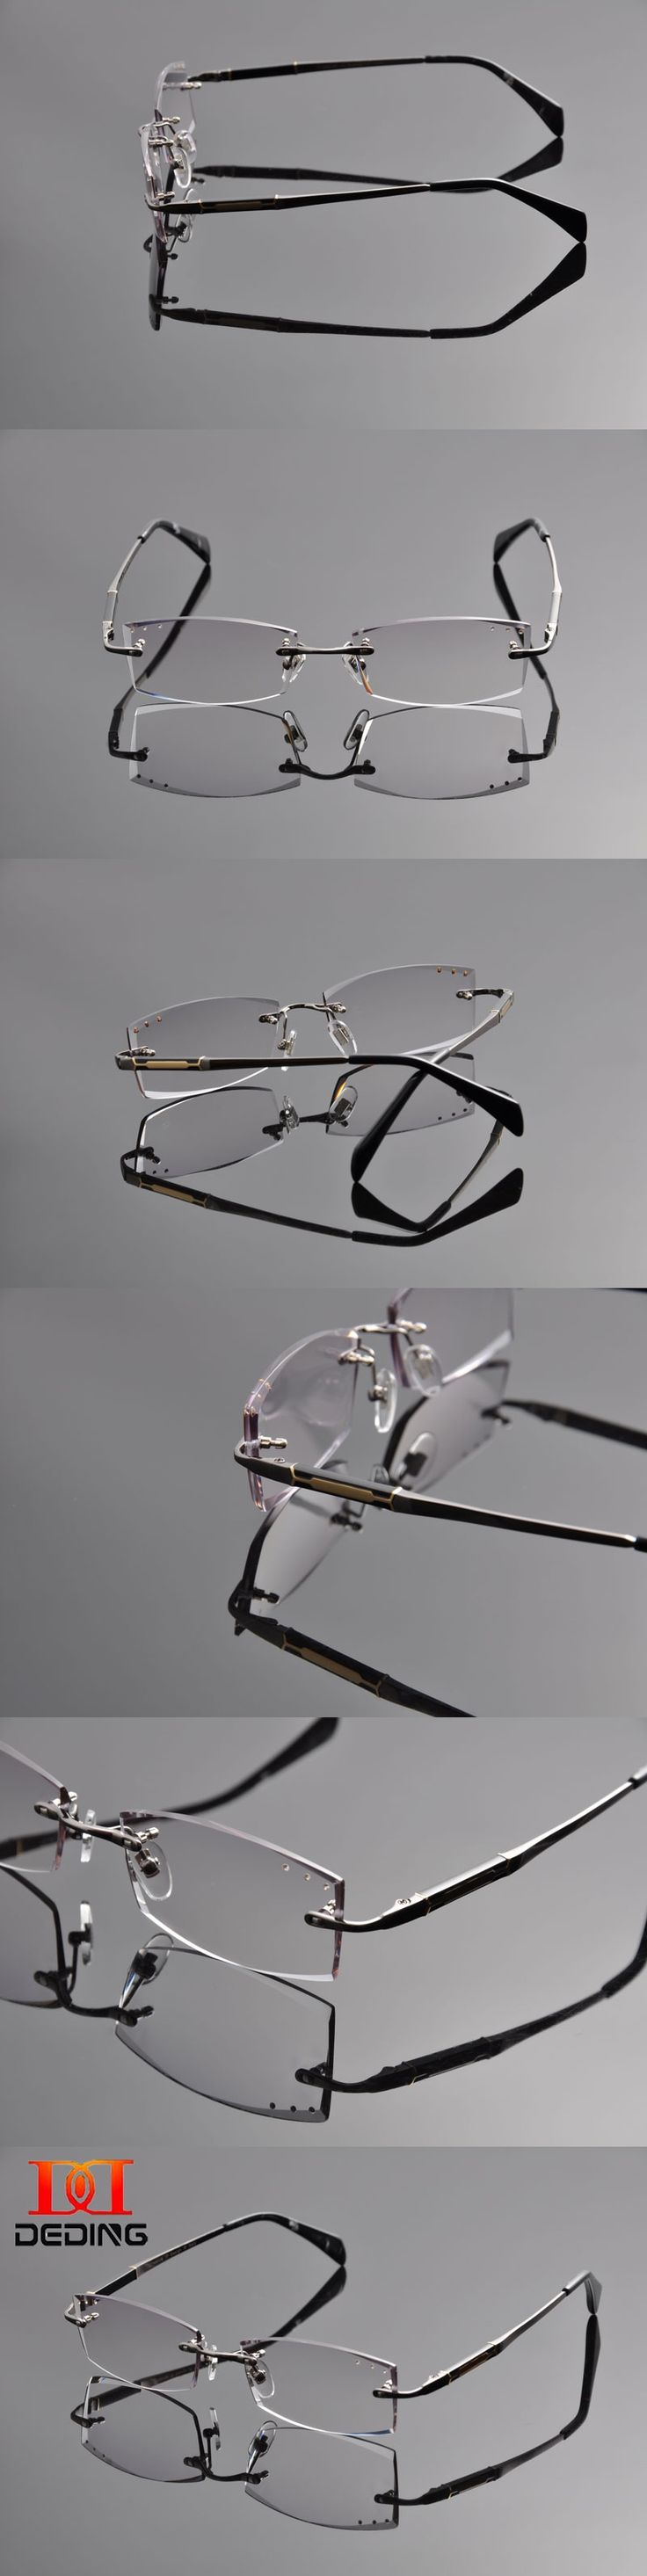 Deding Men Prescription Glasses Colored Lenses Male Colored Lenses Myopia Ready Glasses Diamond Trimming Eyeglasses DD1259